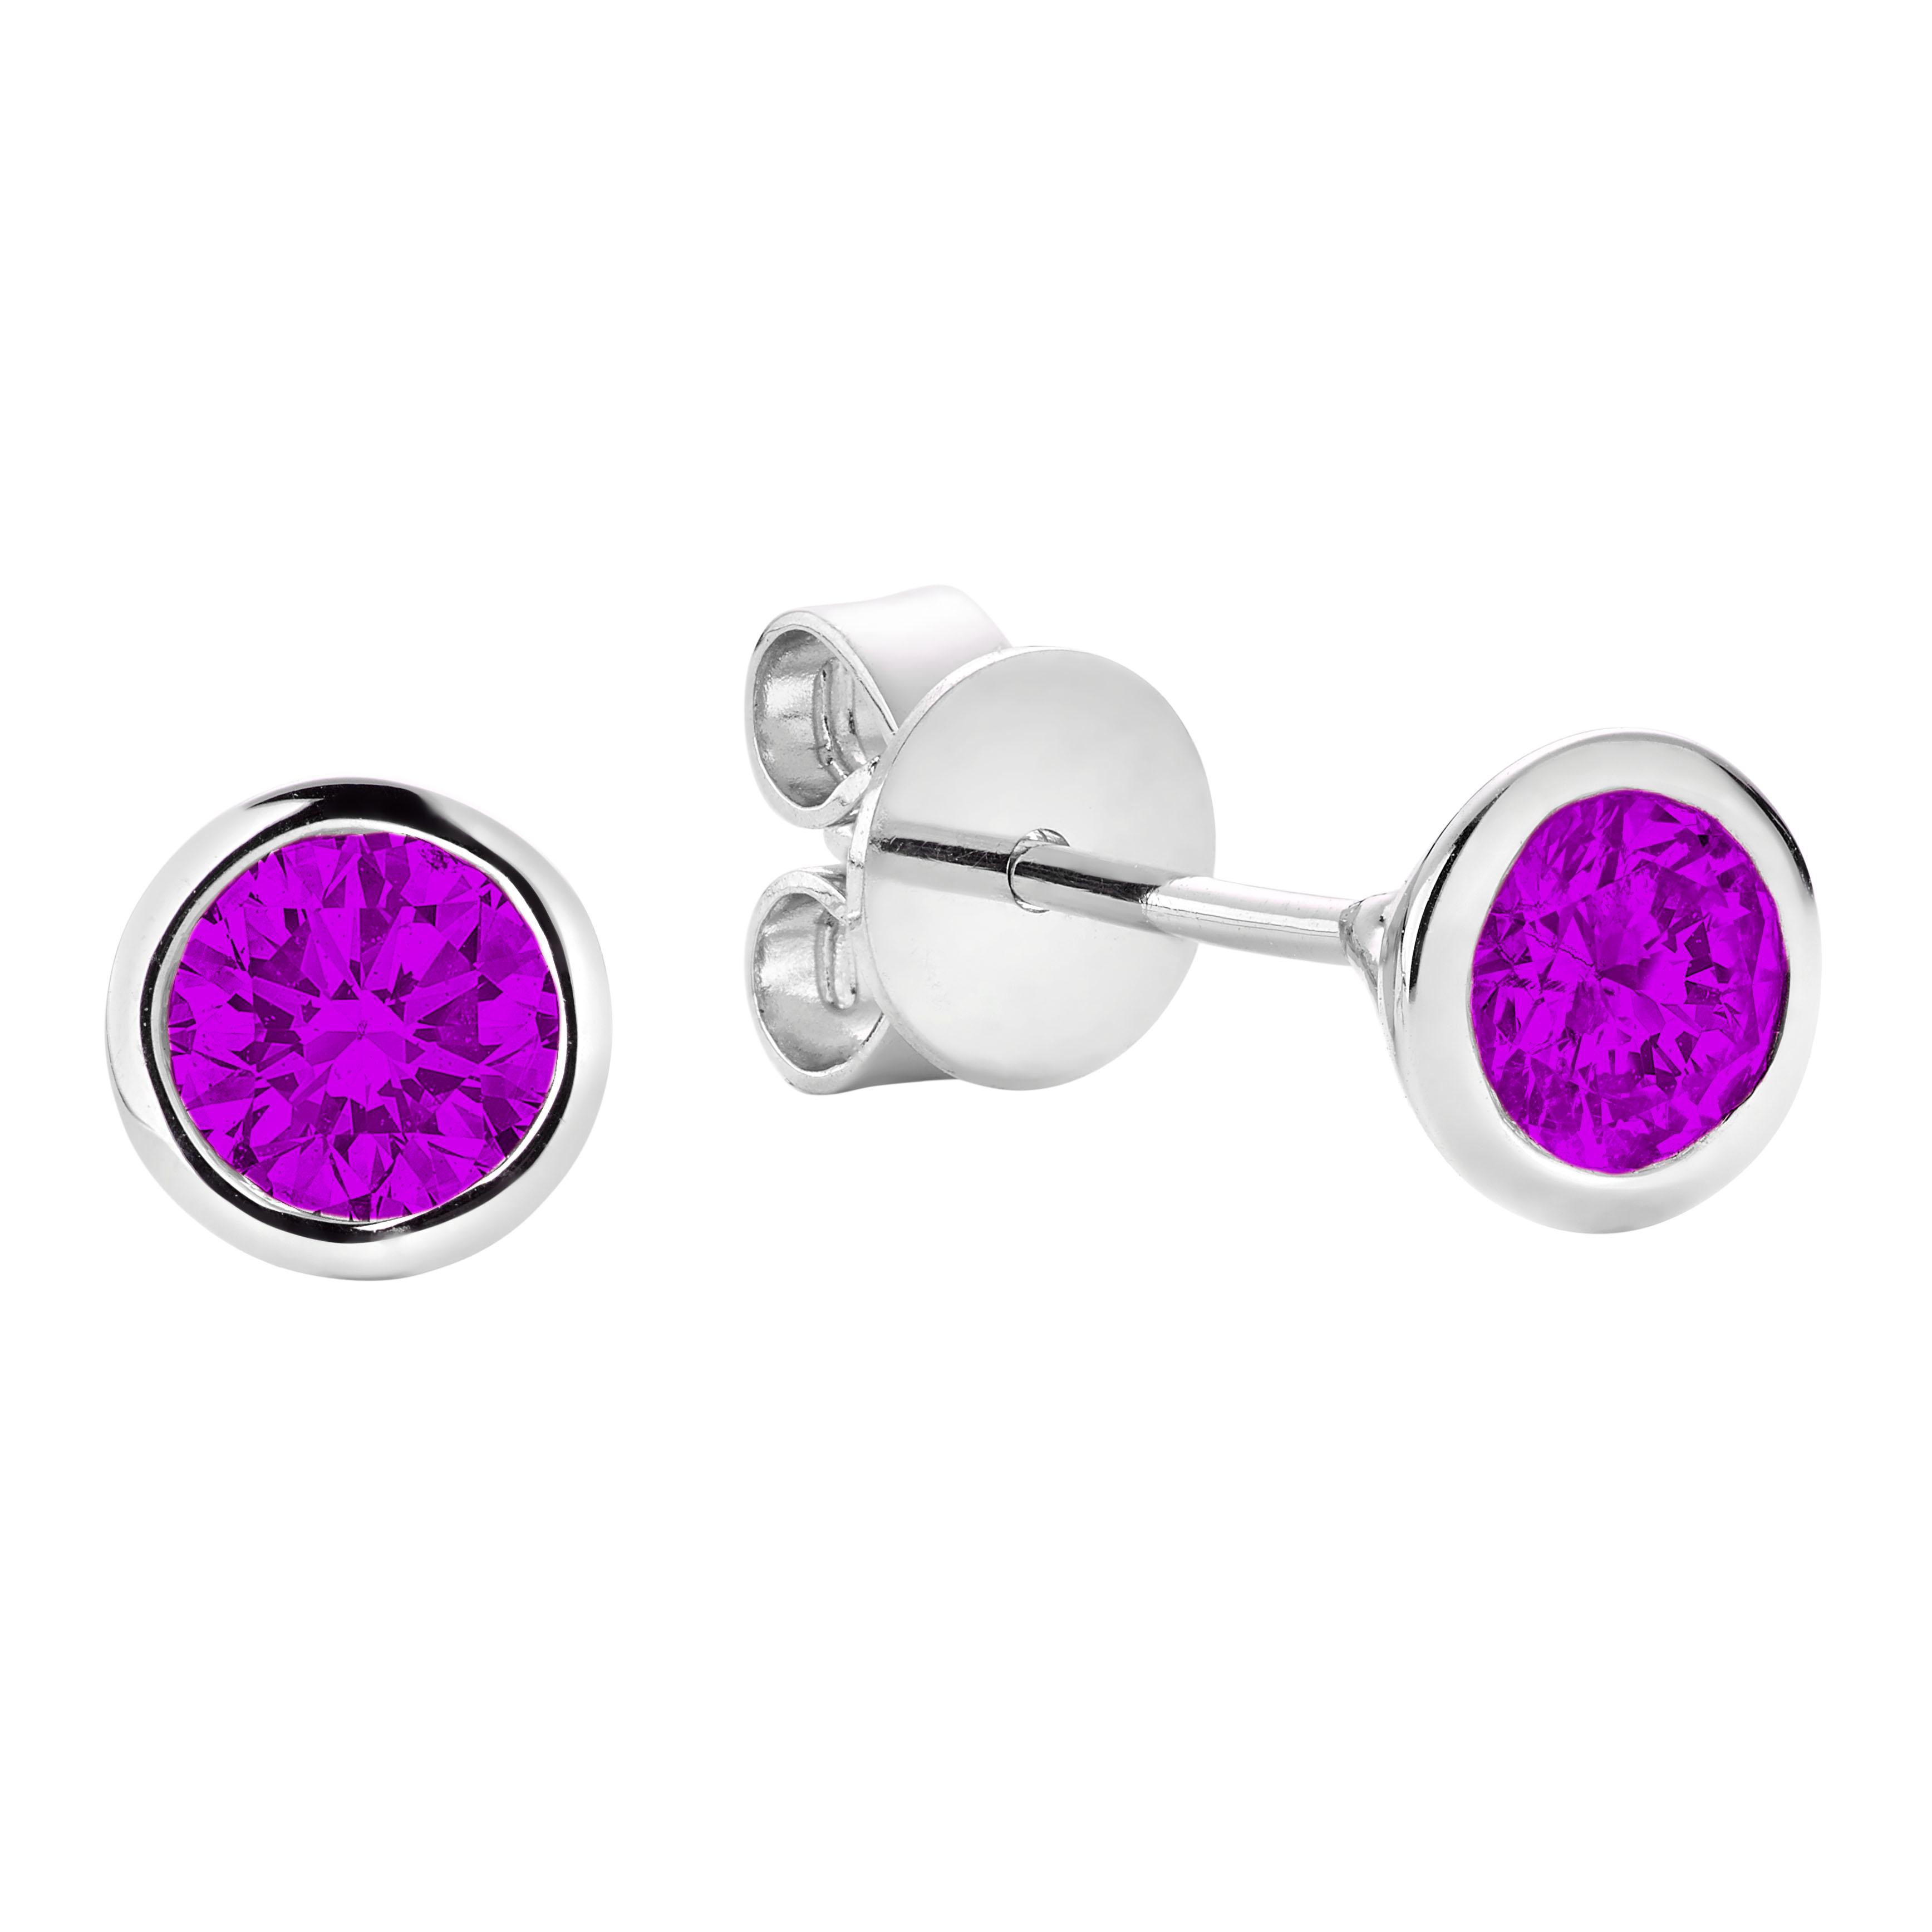 Boucles d'oreilles pour femme - Or blanc 10K & Améthystes